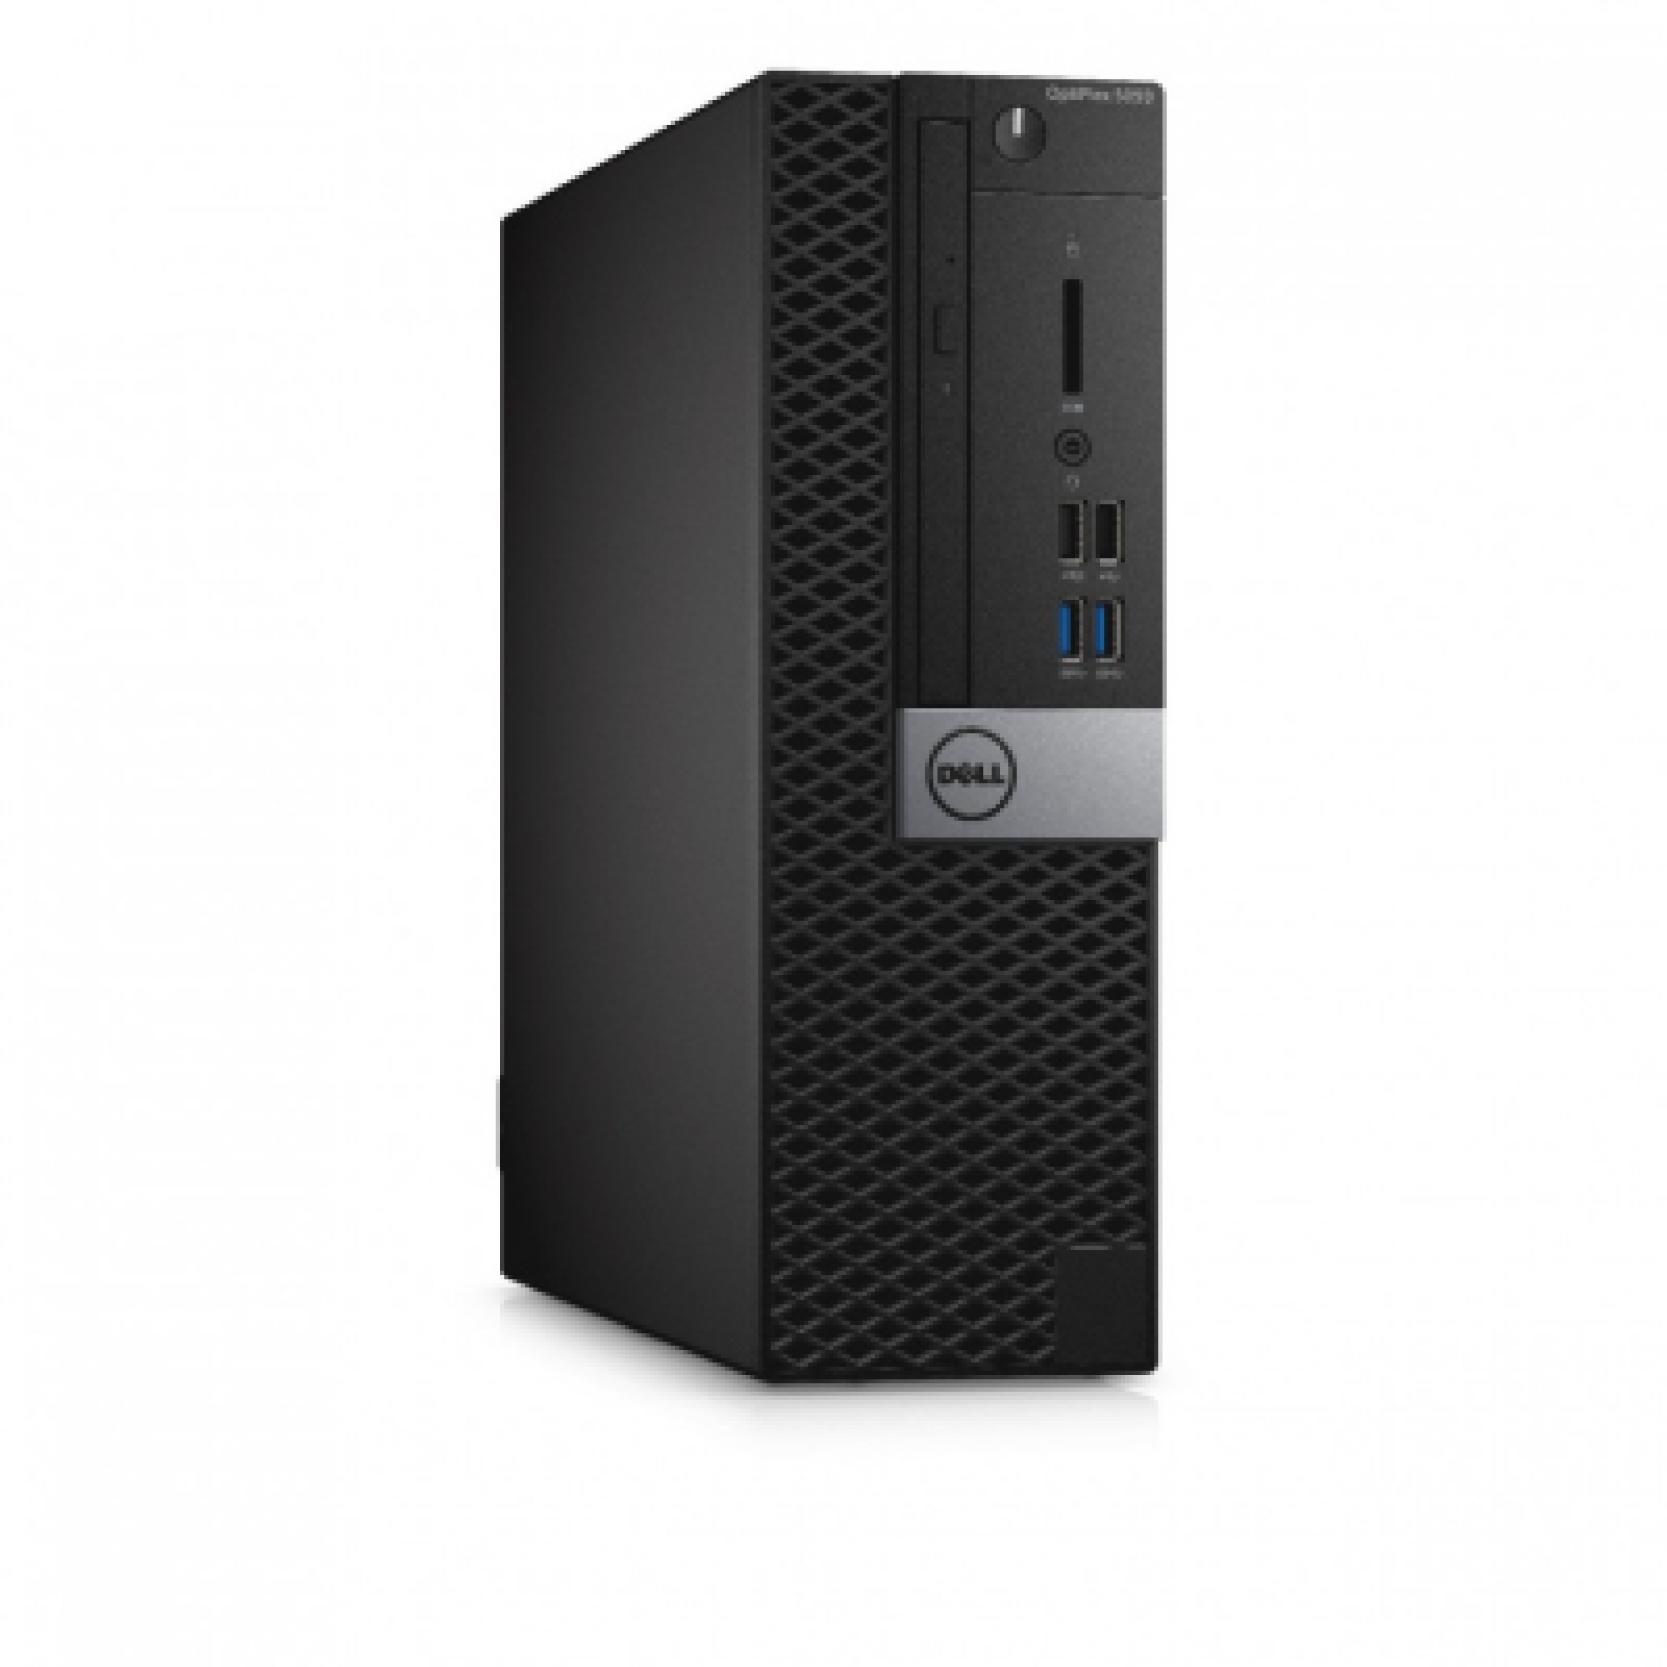 DELL Optiplex 5050SFF (i5-7500, 8GB, 256GB SSD, DVD RW, mouse, Estonian kb, Win 10 Pro 3 yrs NBD)2